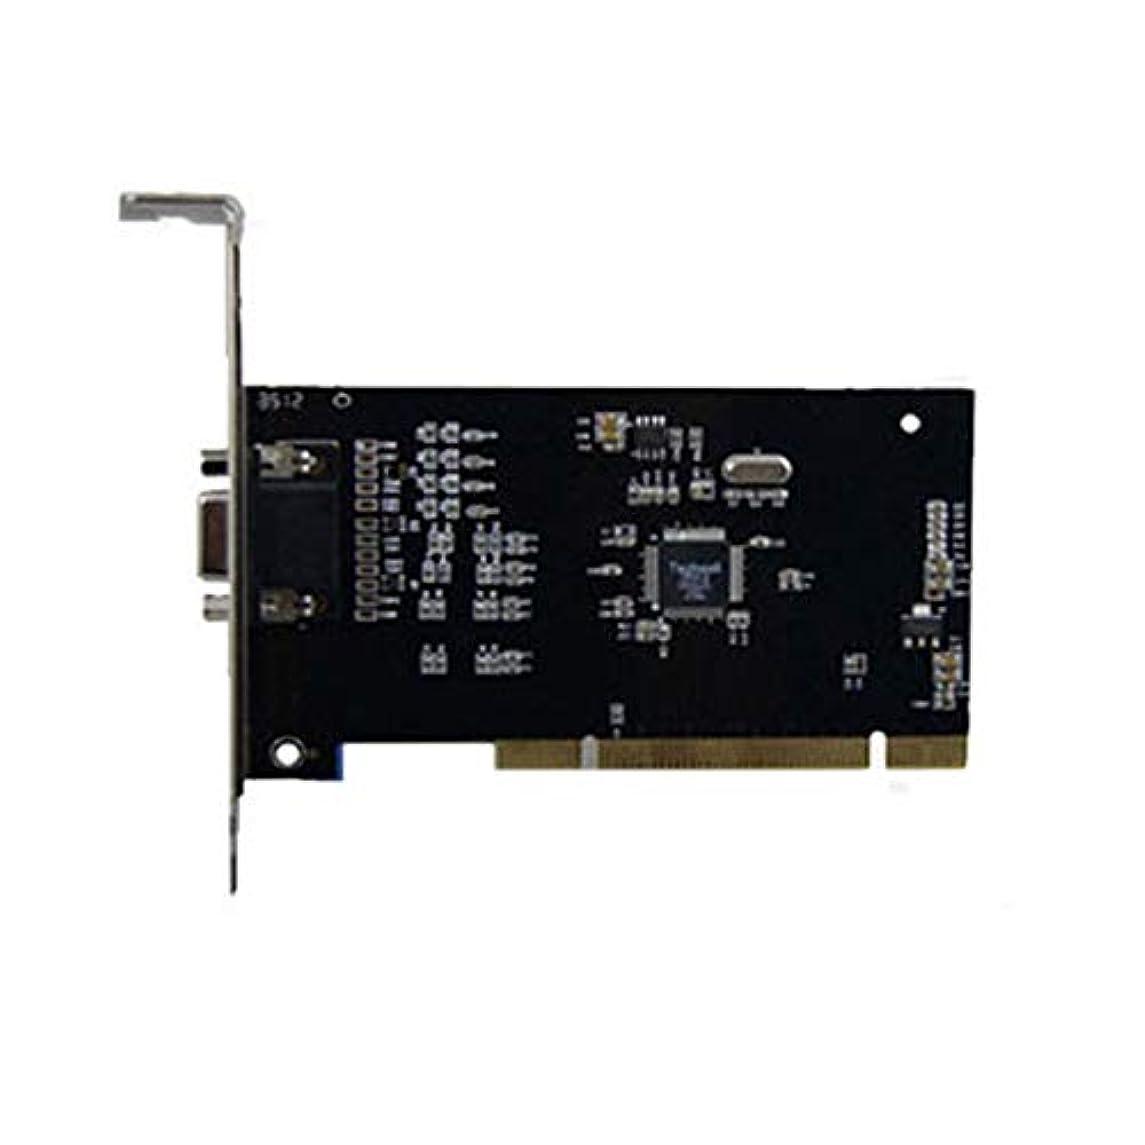 アドバンテージ力強いくちばしFidgetGear CCTVカメラ用PCI 8チャンネルビデオキャプチャカードキャプチャアダプタコンバータ